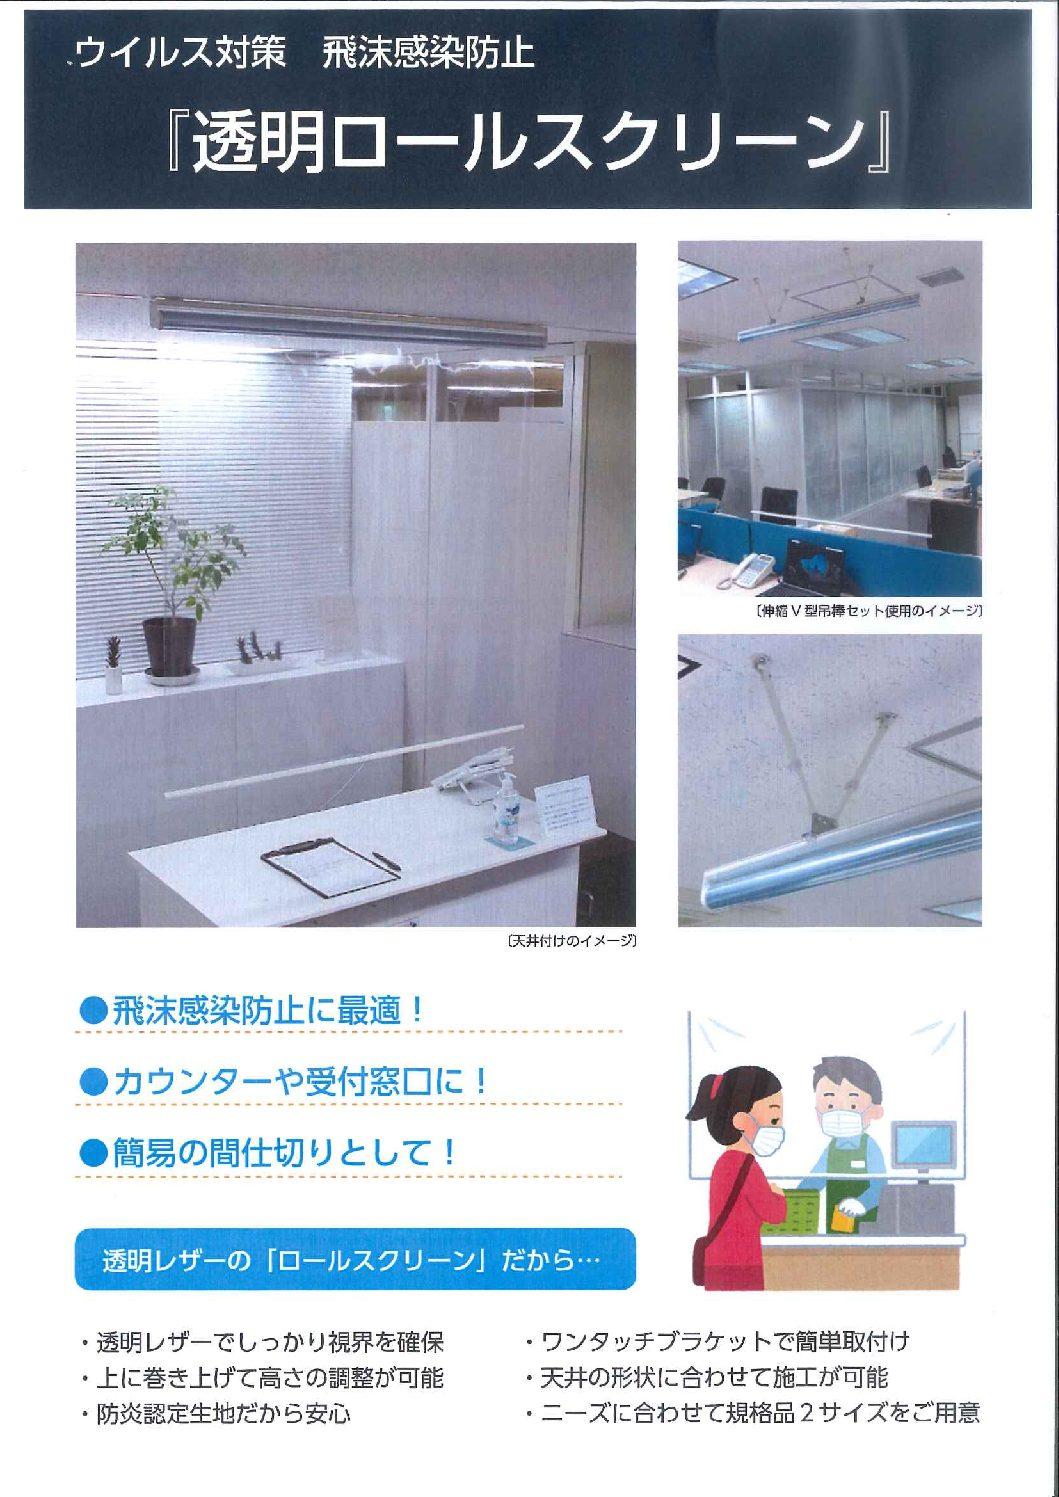 【ウイルス対策!!】飛沫感染防止の透明ロールスクリーンが発売しました!